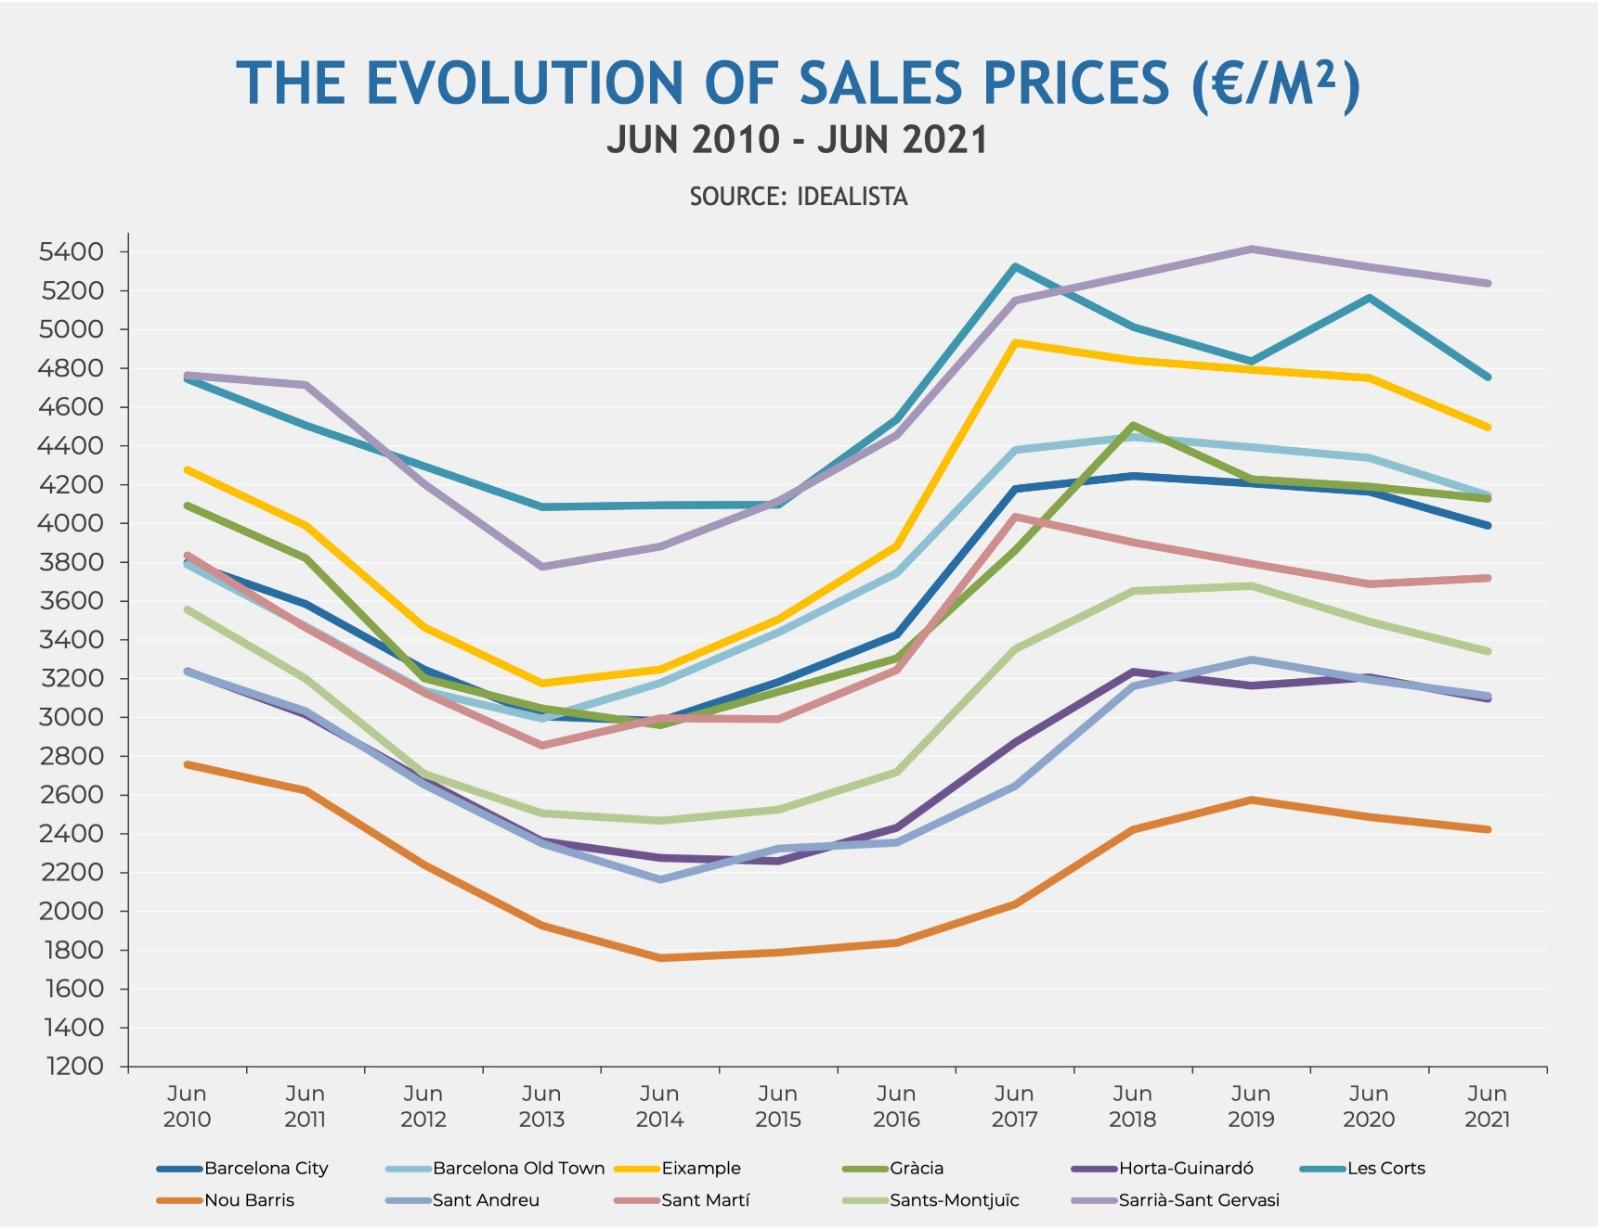 Evolution sales prices in Barcelona